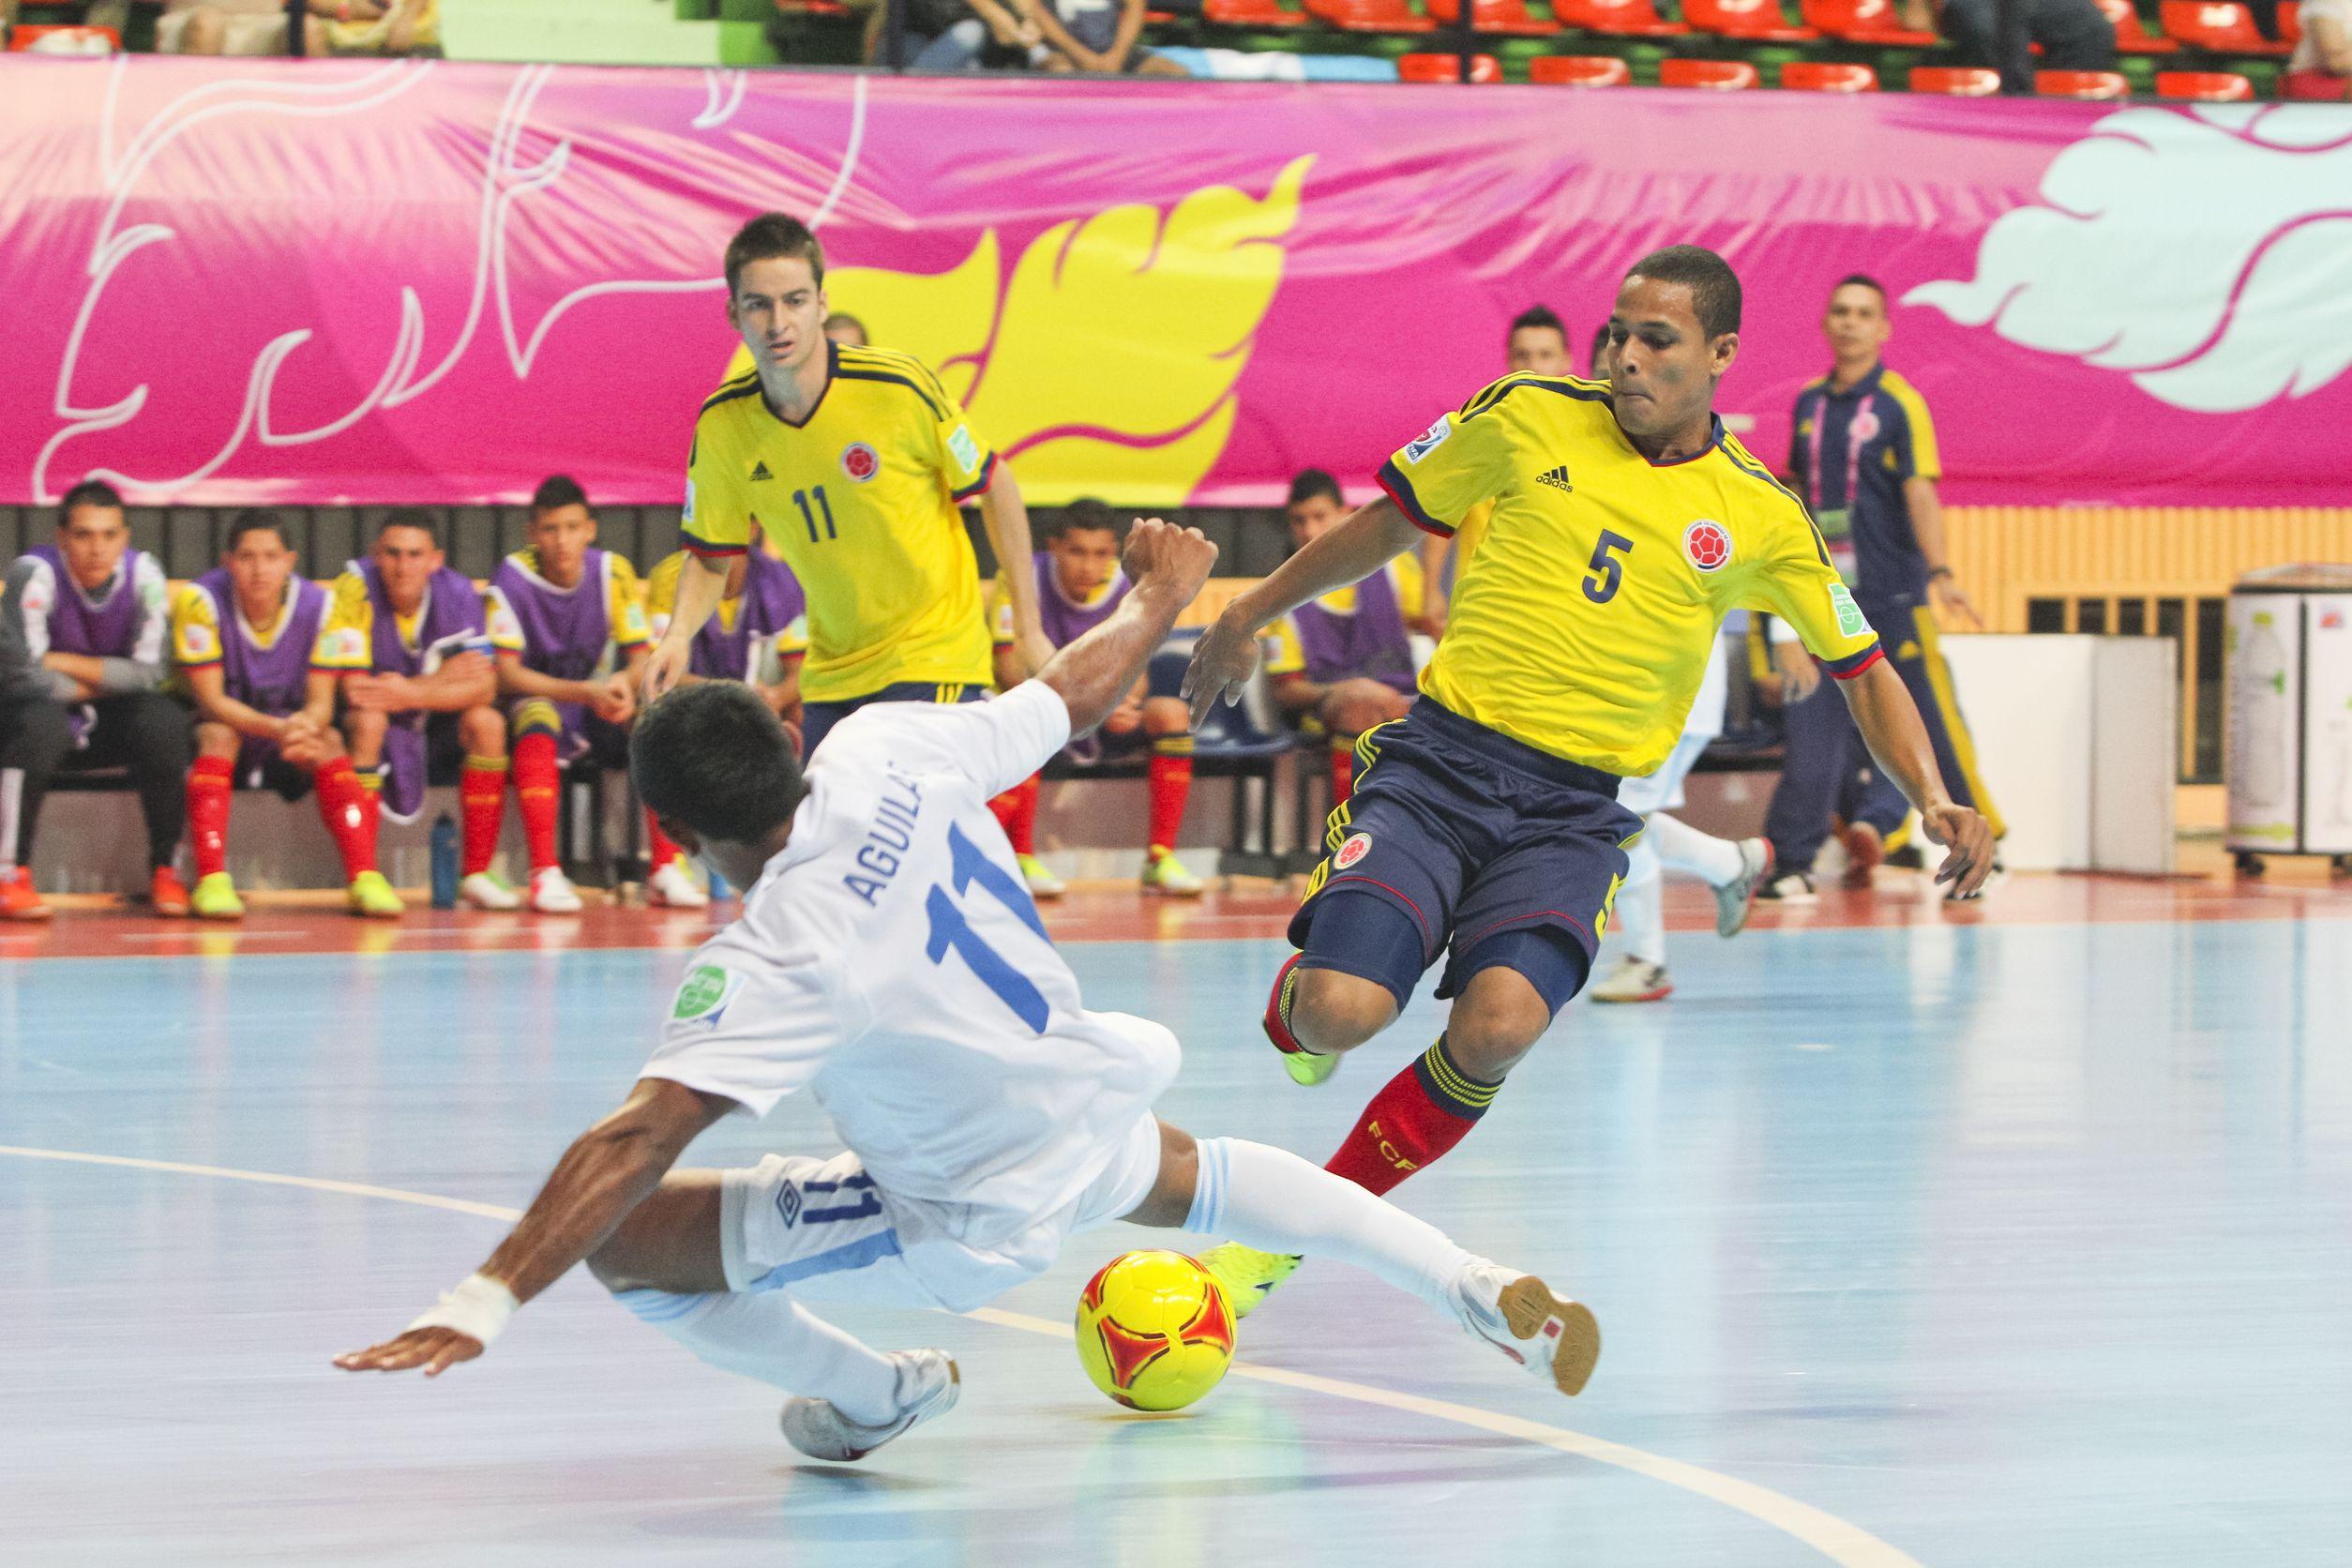 Foto do mundial de Futsal FIFA em 2012. Jogo entre Guatemala e Colômbia. Jogadores estão disputando a bola.